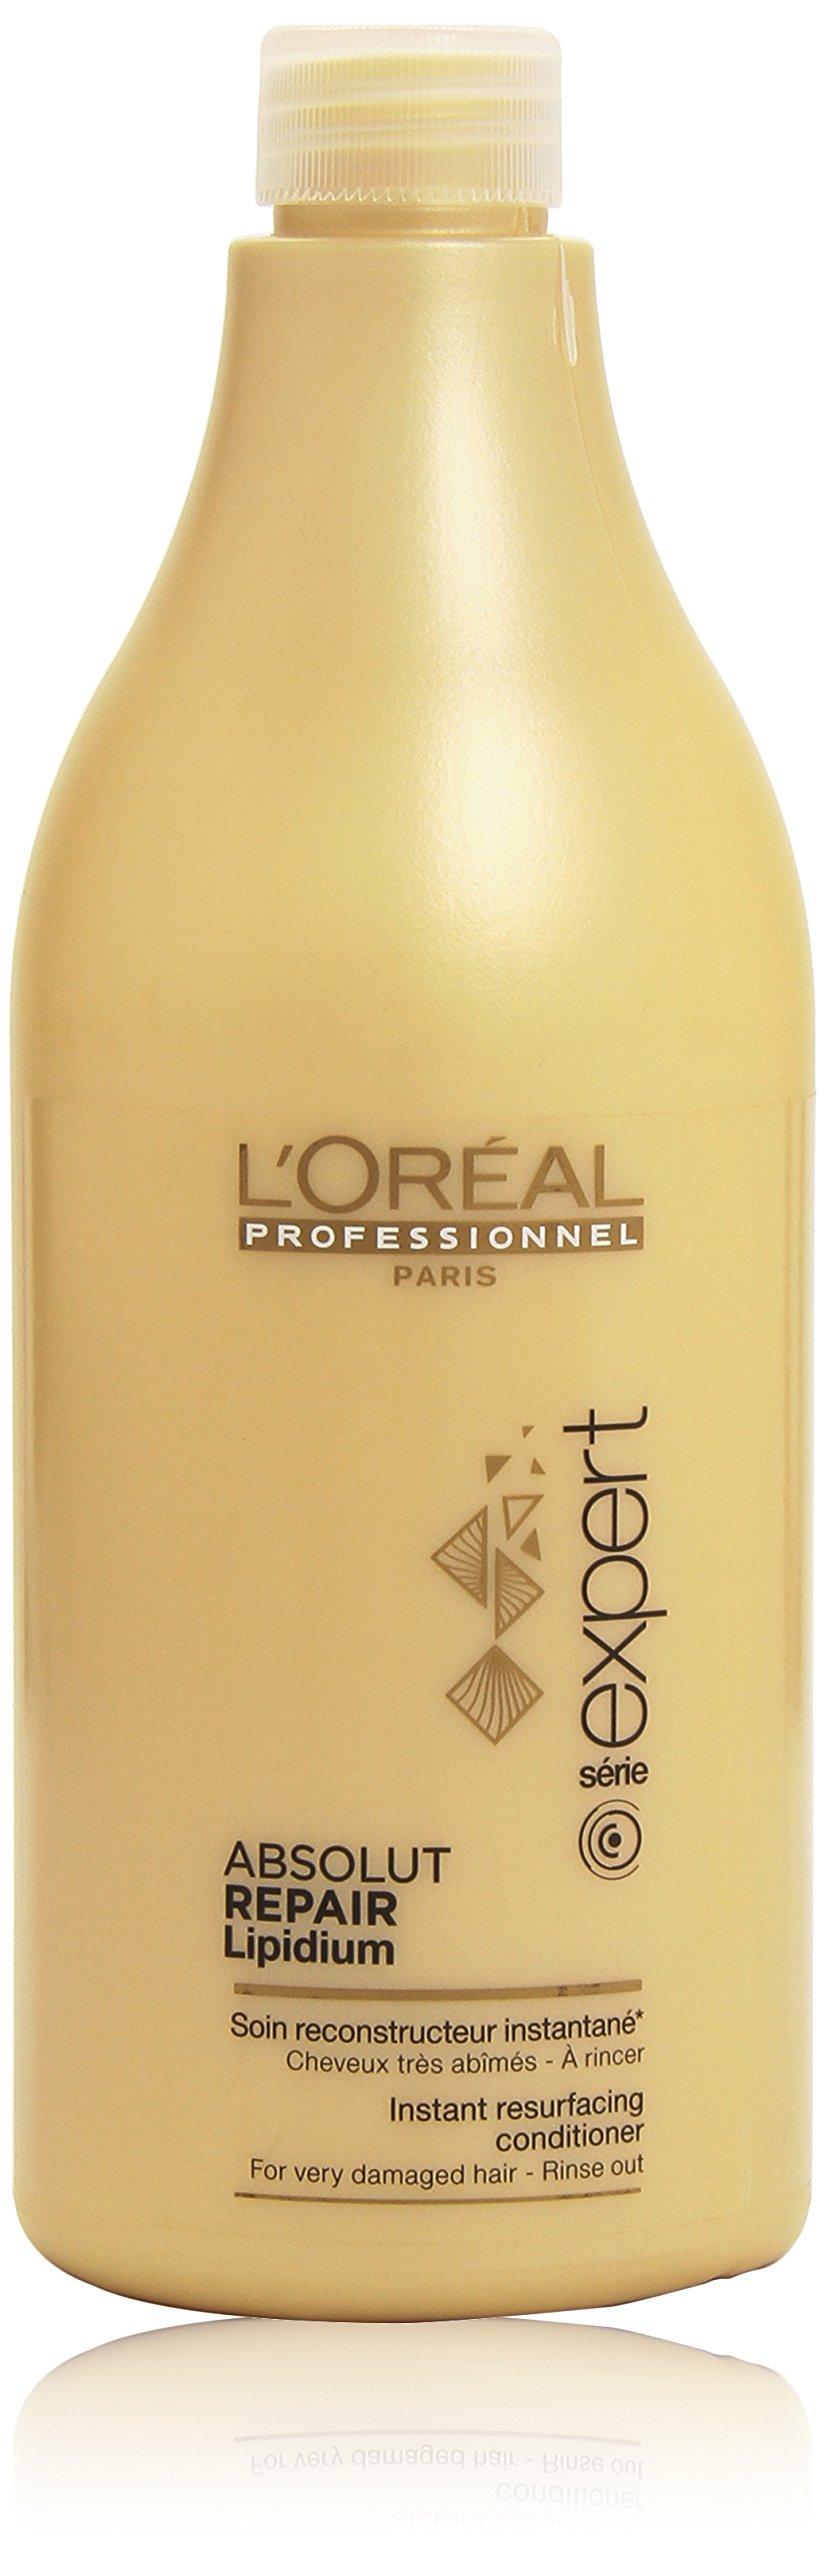 L'Oreal Professional Series Expert Absolute Repair Lipidium Conditioner, 25.36 Fl Oz